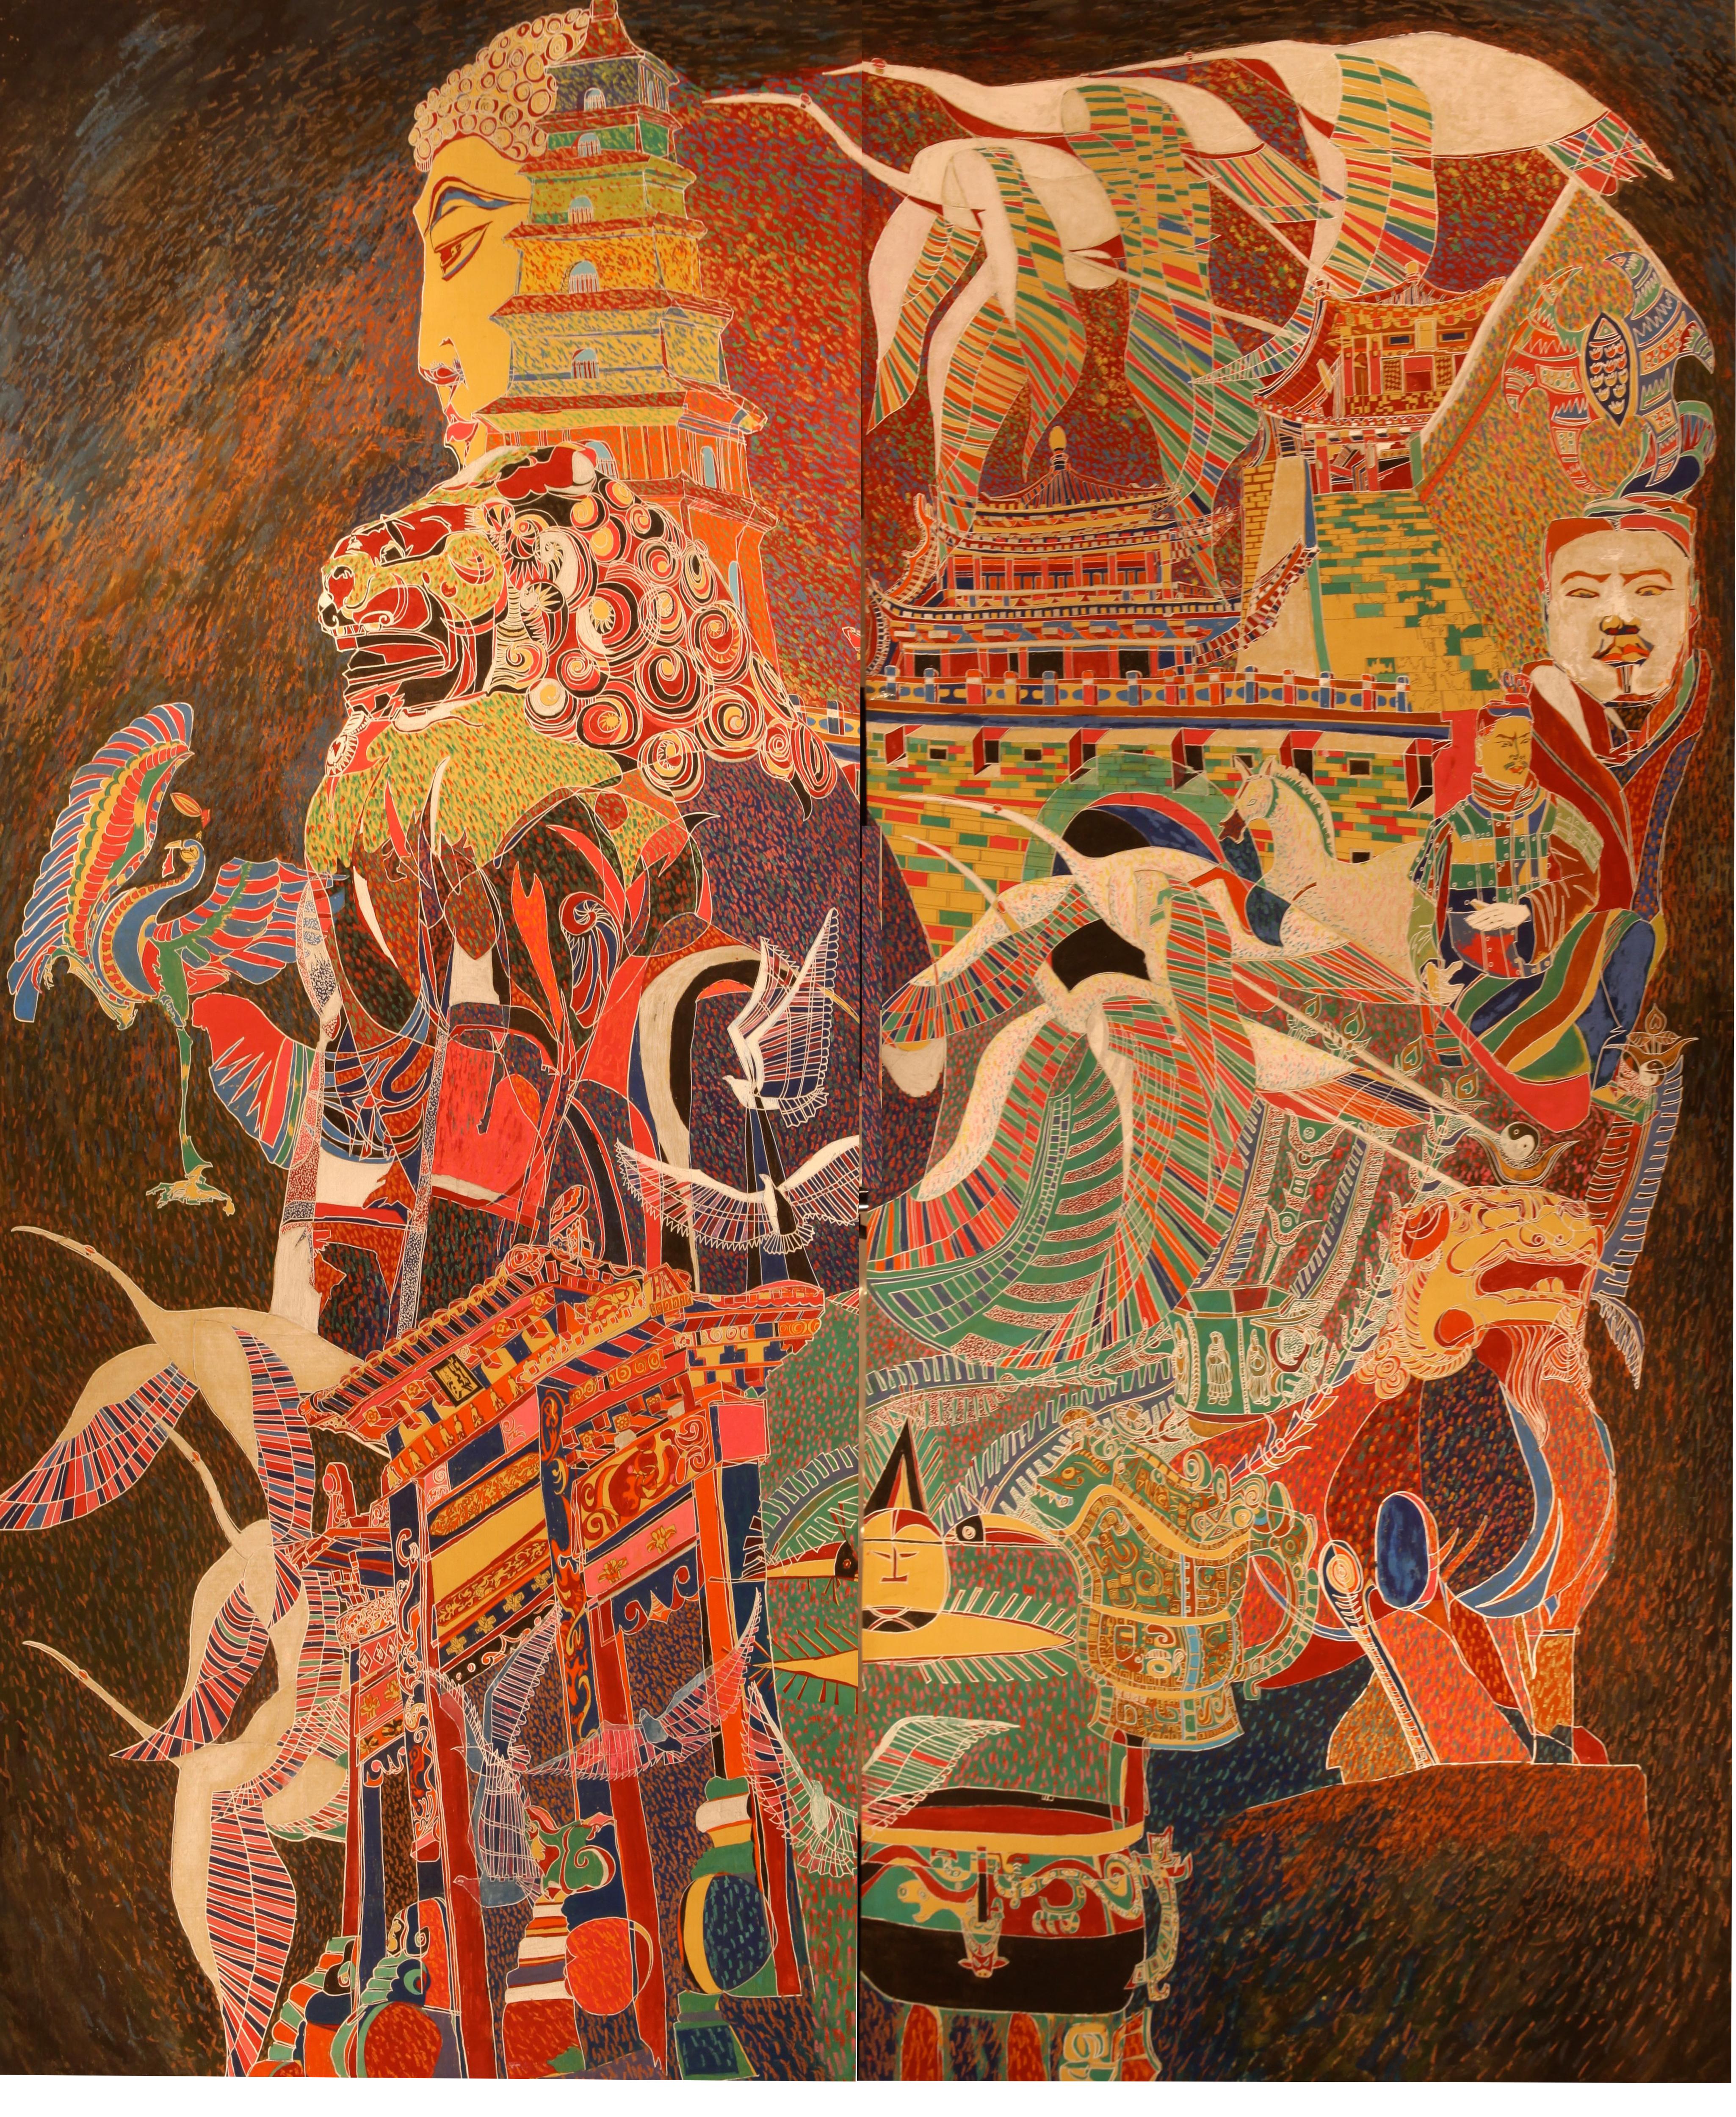 巜大唐盛世》大型系列組画节选一一《大唐盛世畅想曲》(75x65英尺)现代重彩画.